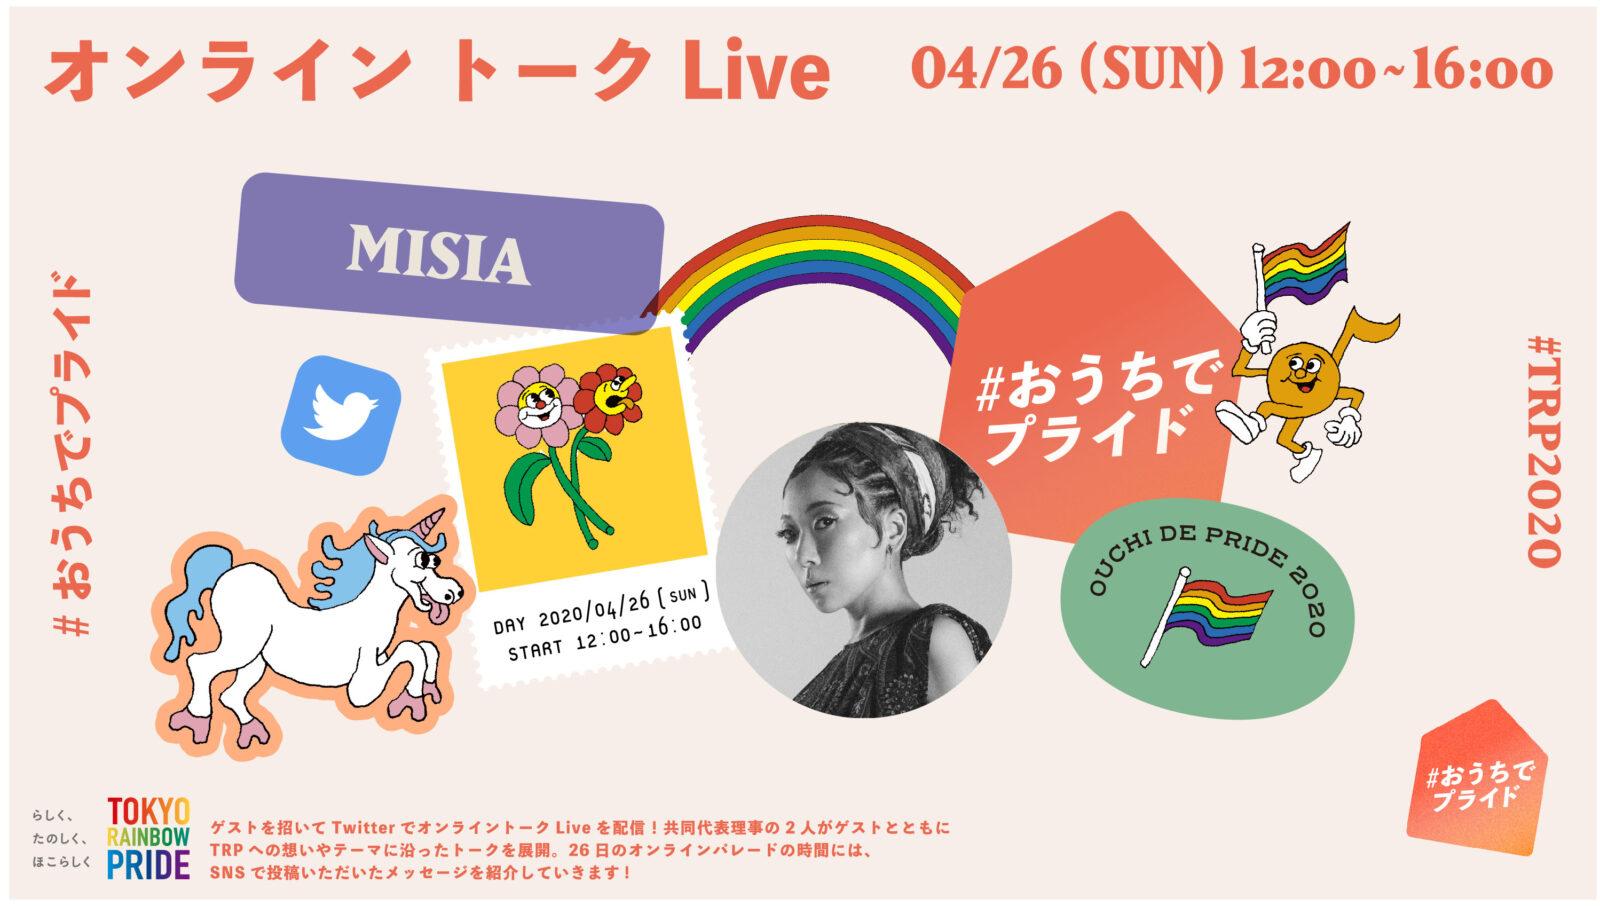 TRP2020オンライン『#おうちでプライド』4月26日(日)オンライン トーク LiveにMISIAさんの出演が決定!!